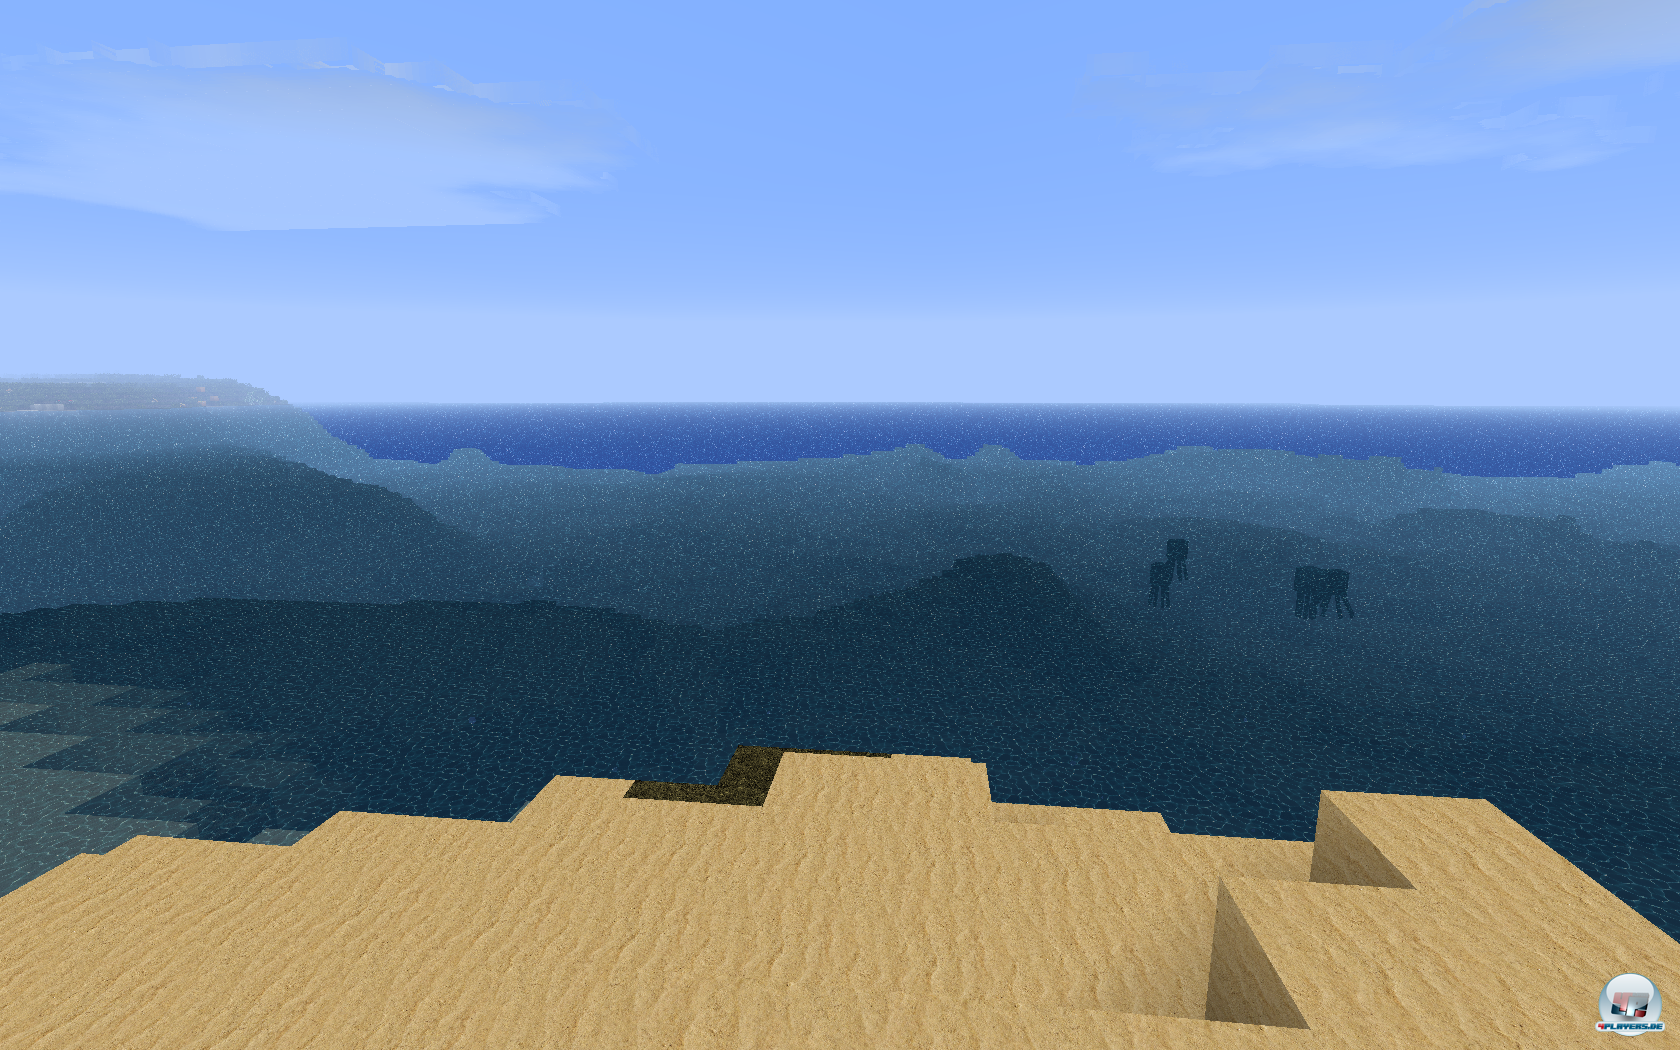 Das nächste Projekt, das nächste Ziel: Ich will unbedingt ans andere Ende dieses Meeres reisen!